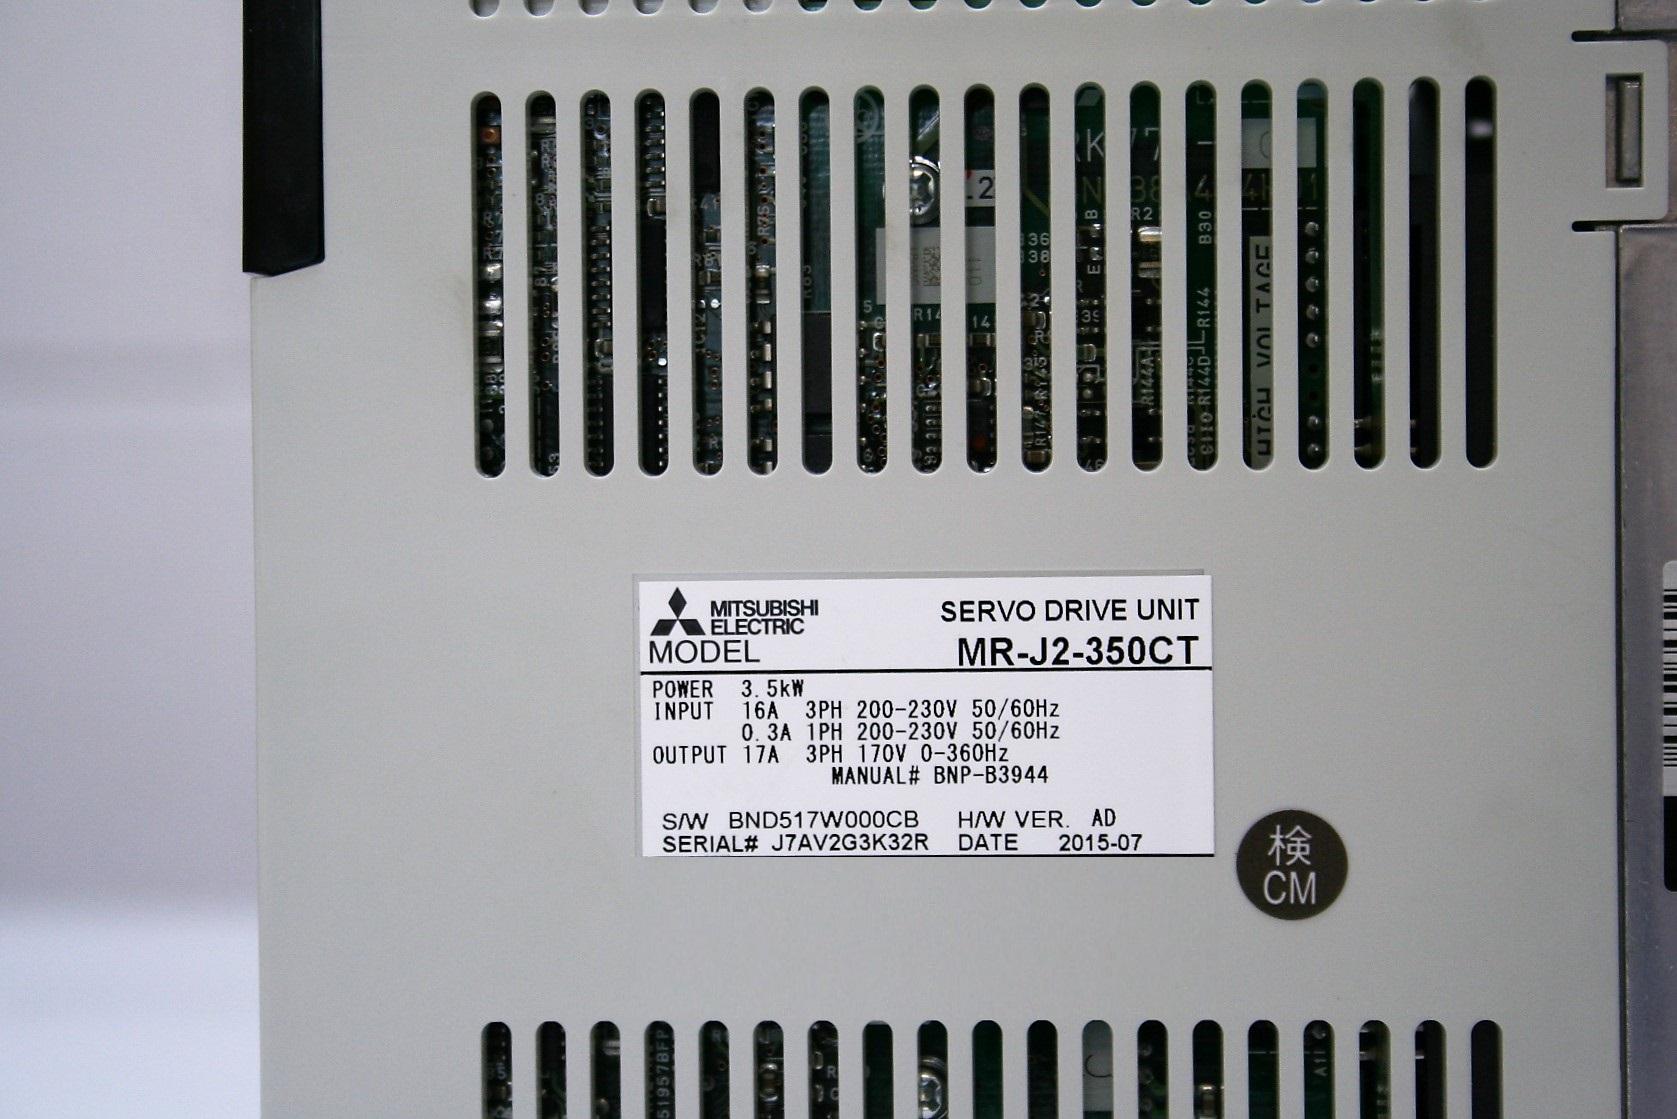 MDS-MR-J2-350CT